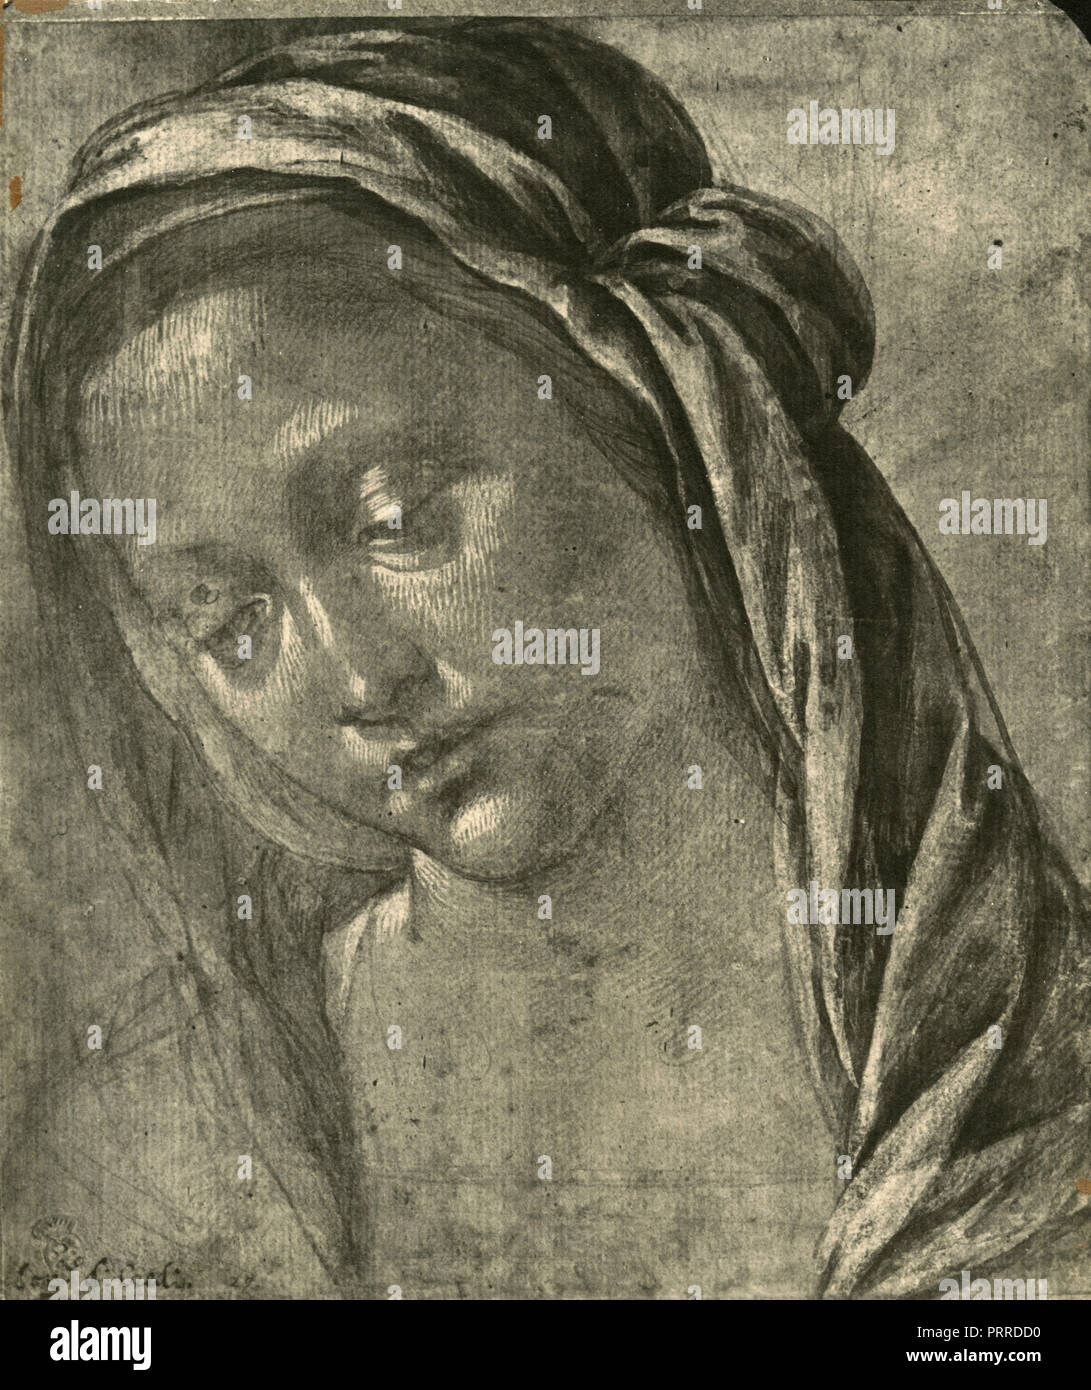 Madonna Kopf Studien, Zeichnung von Lorenzo di Credi, 1920er Jahre Stockbild